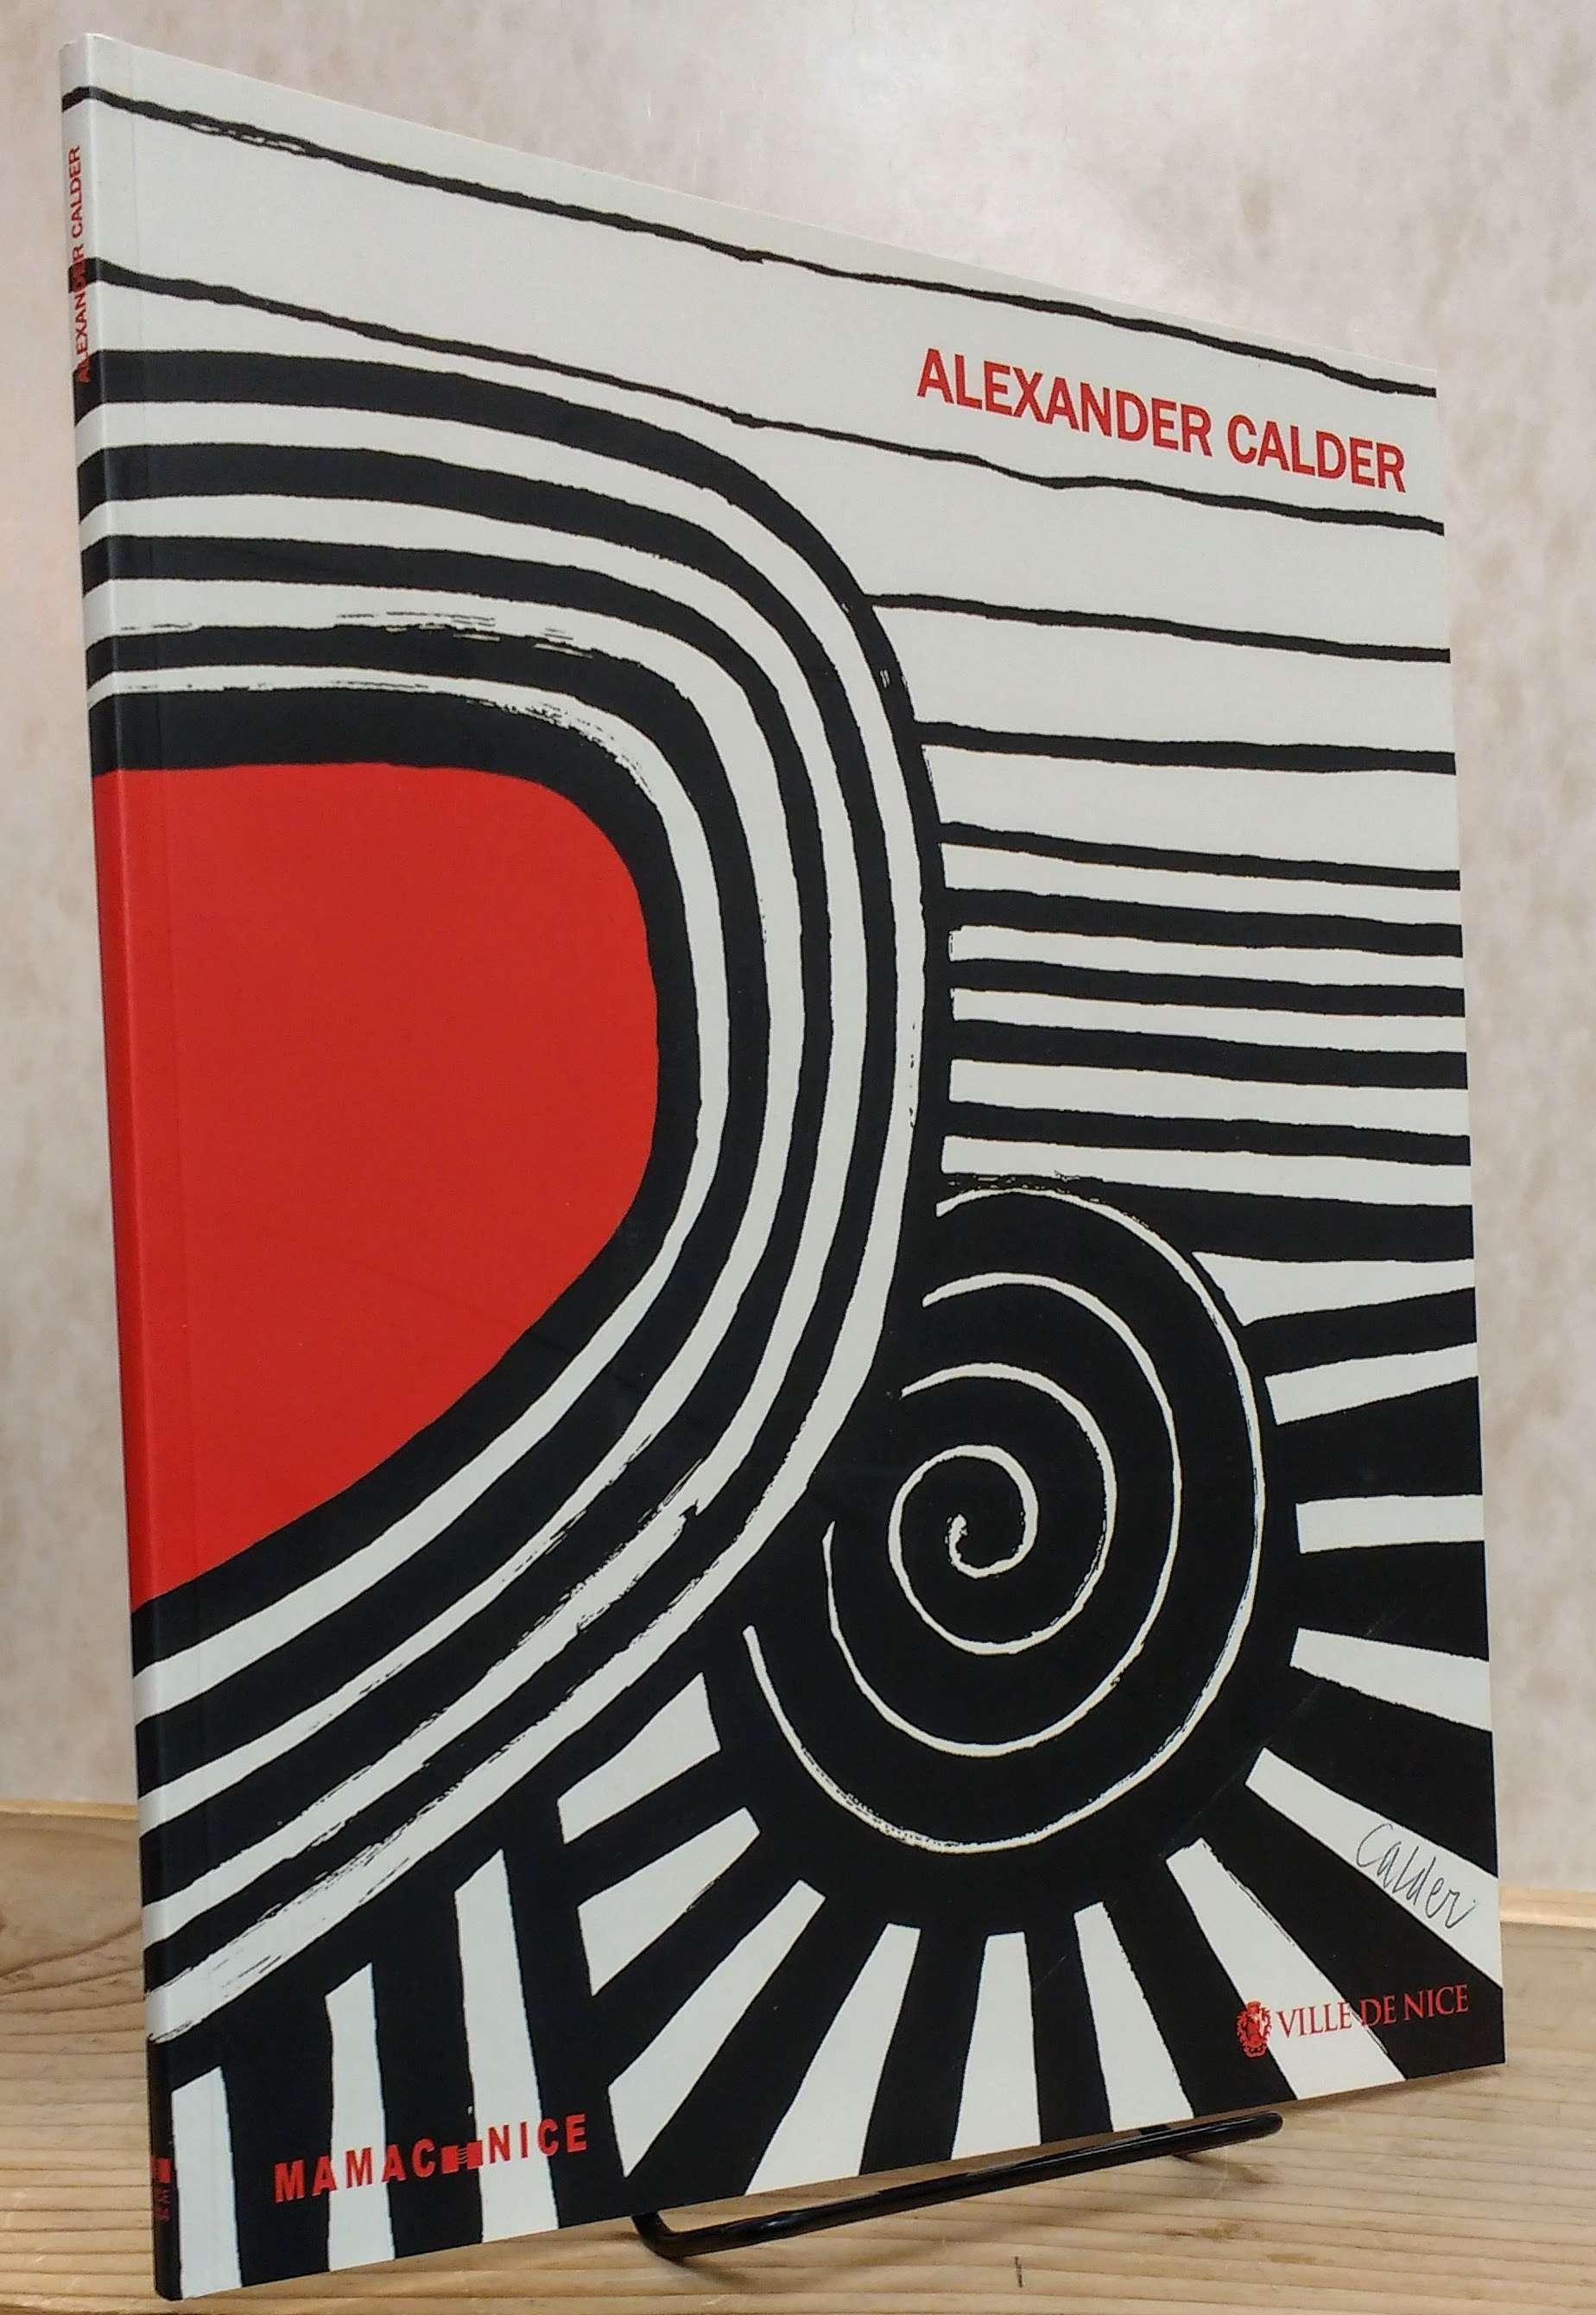 Hommage a Alexander Calder (Galerie contemporaine 24 mai - 7 septembre 2014)